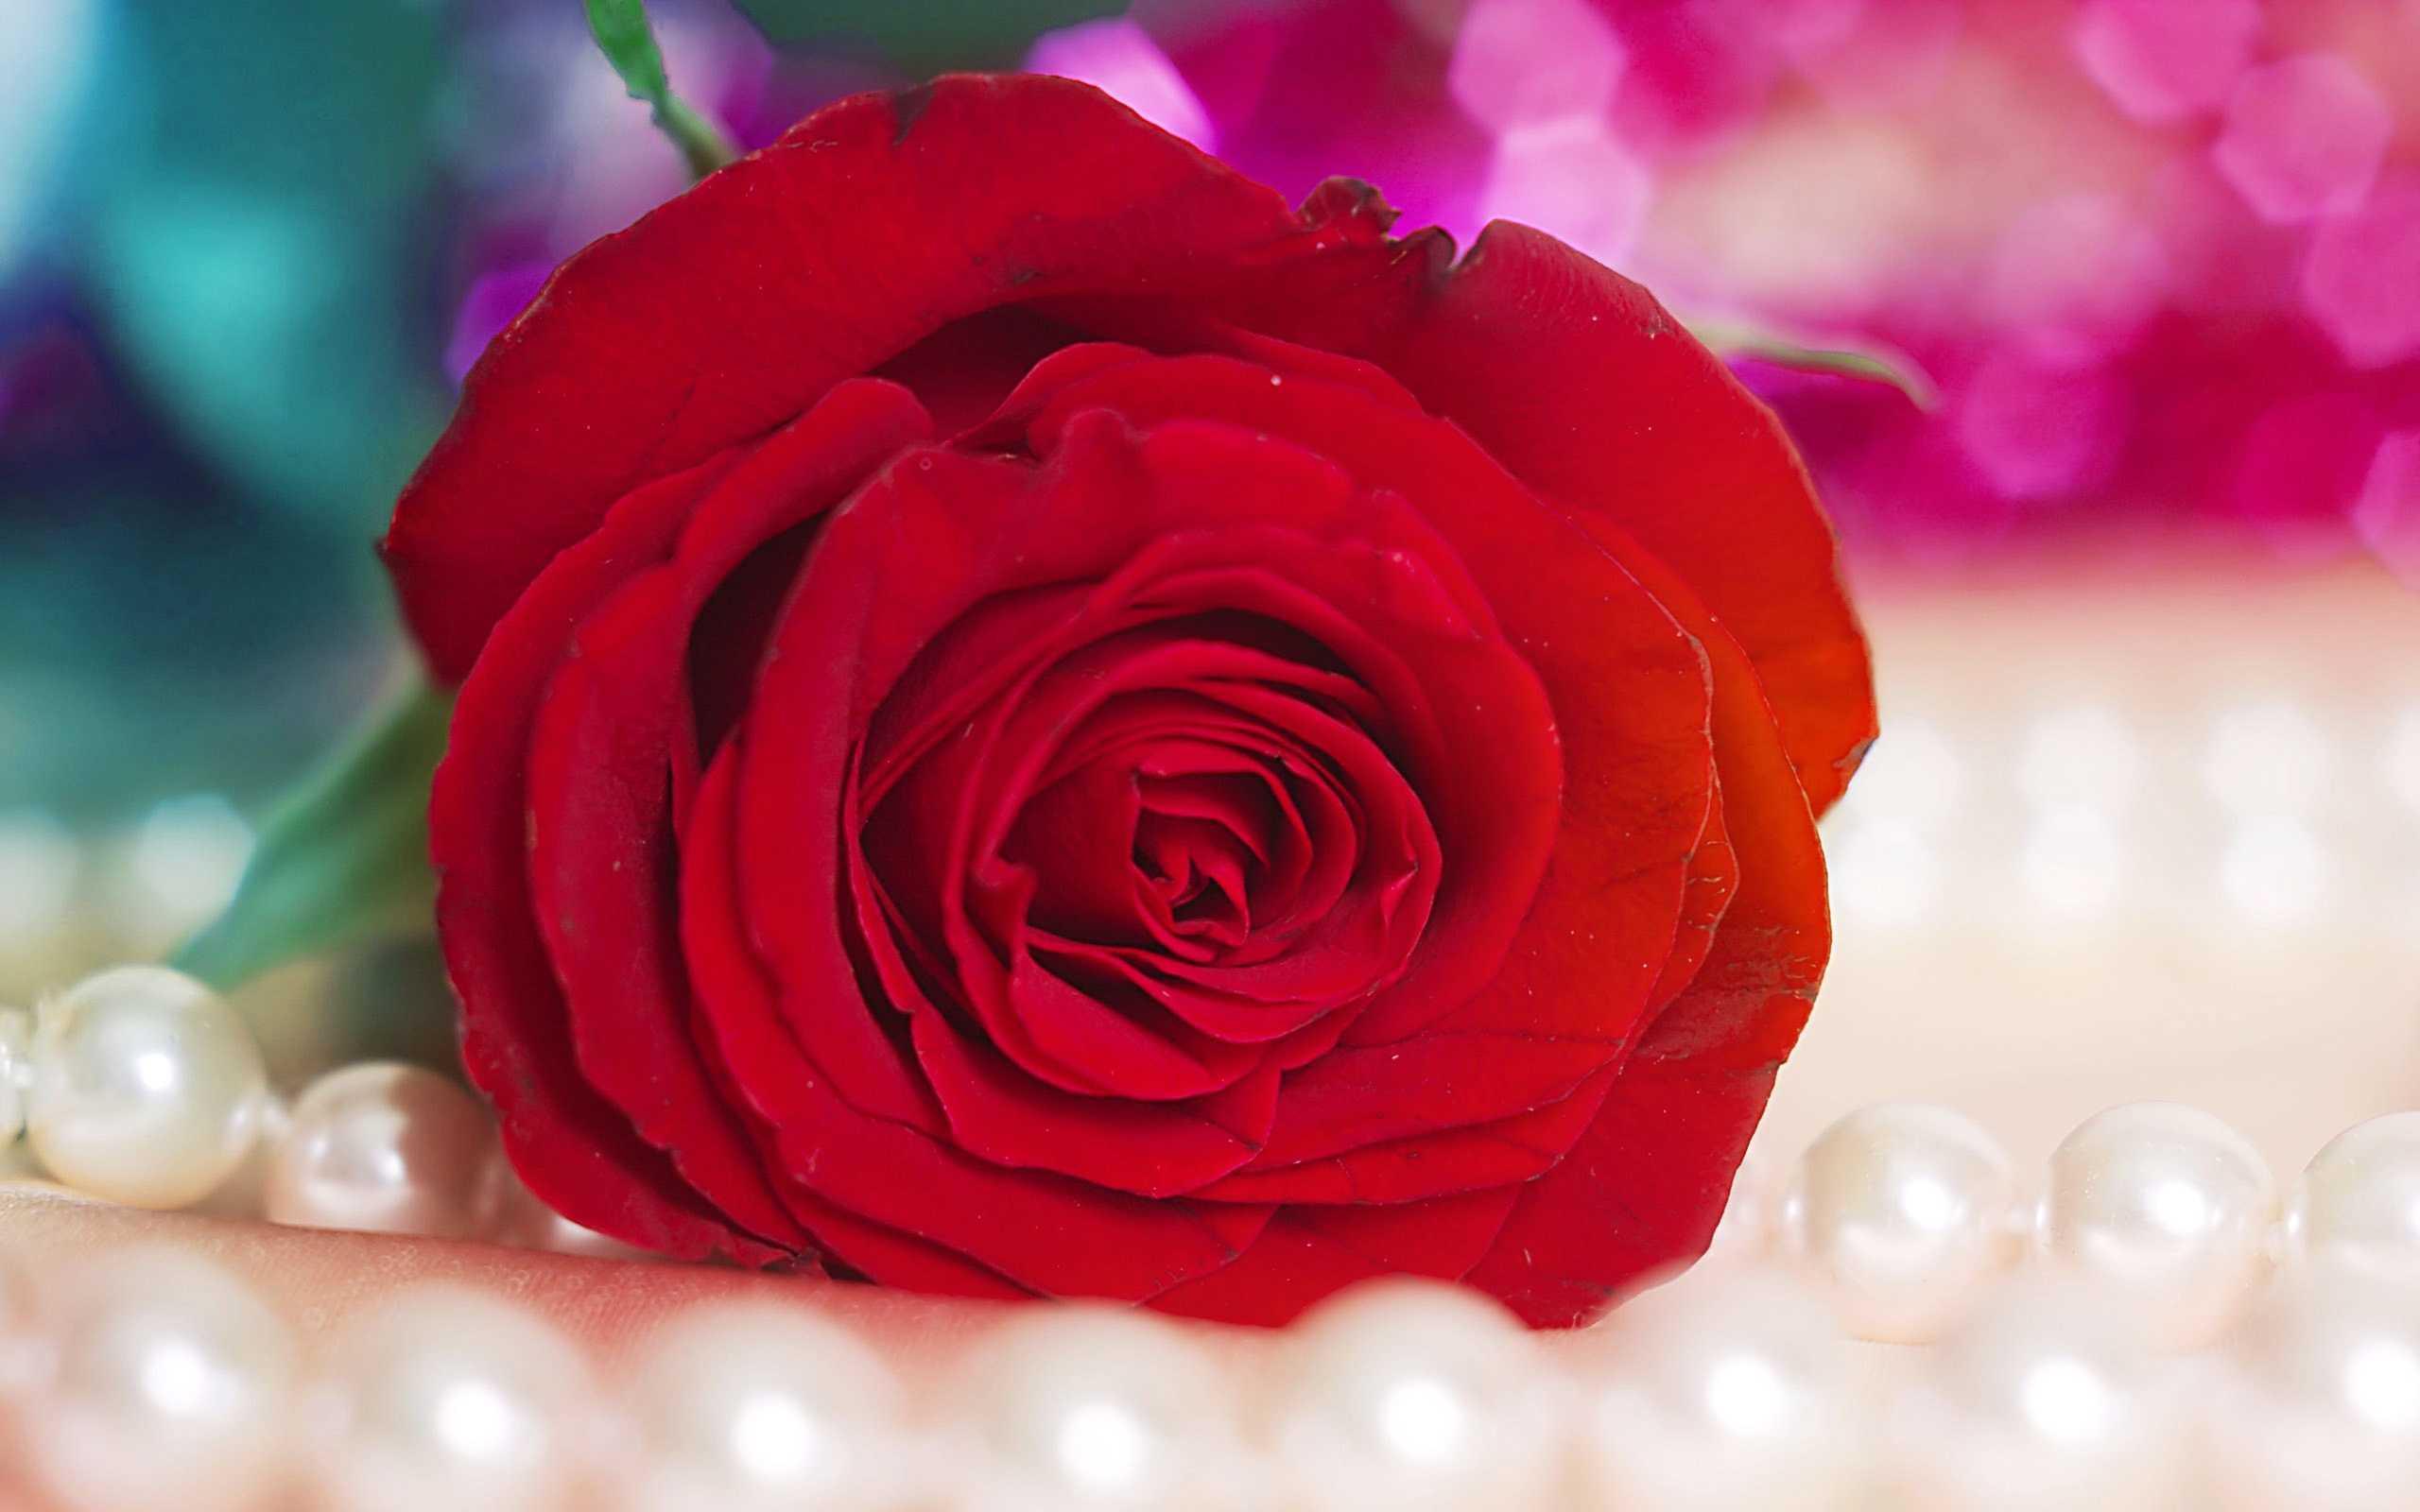 Immagini Rose Rosse Sfondi Hd 45 Foto Bonkadaycom